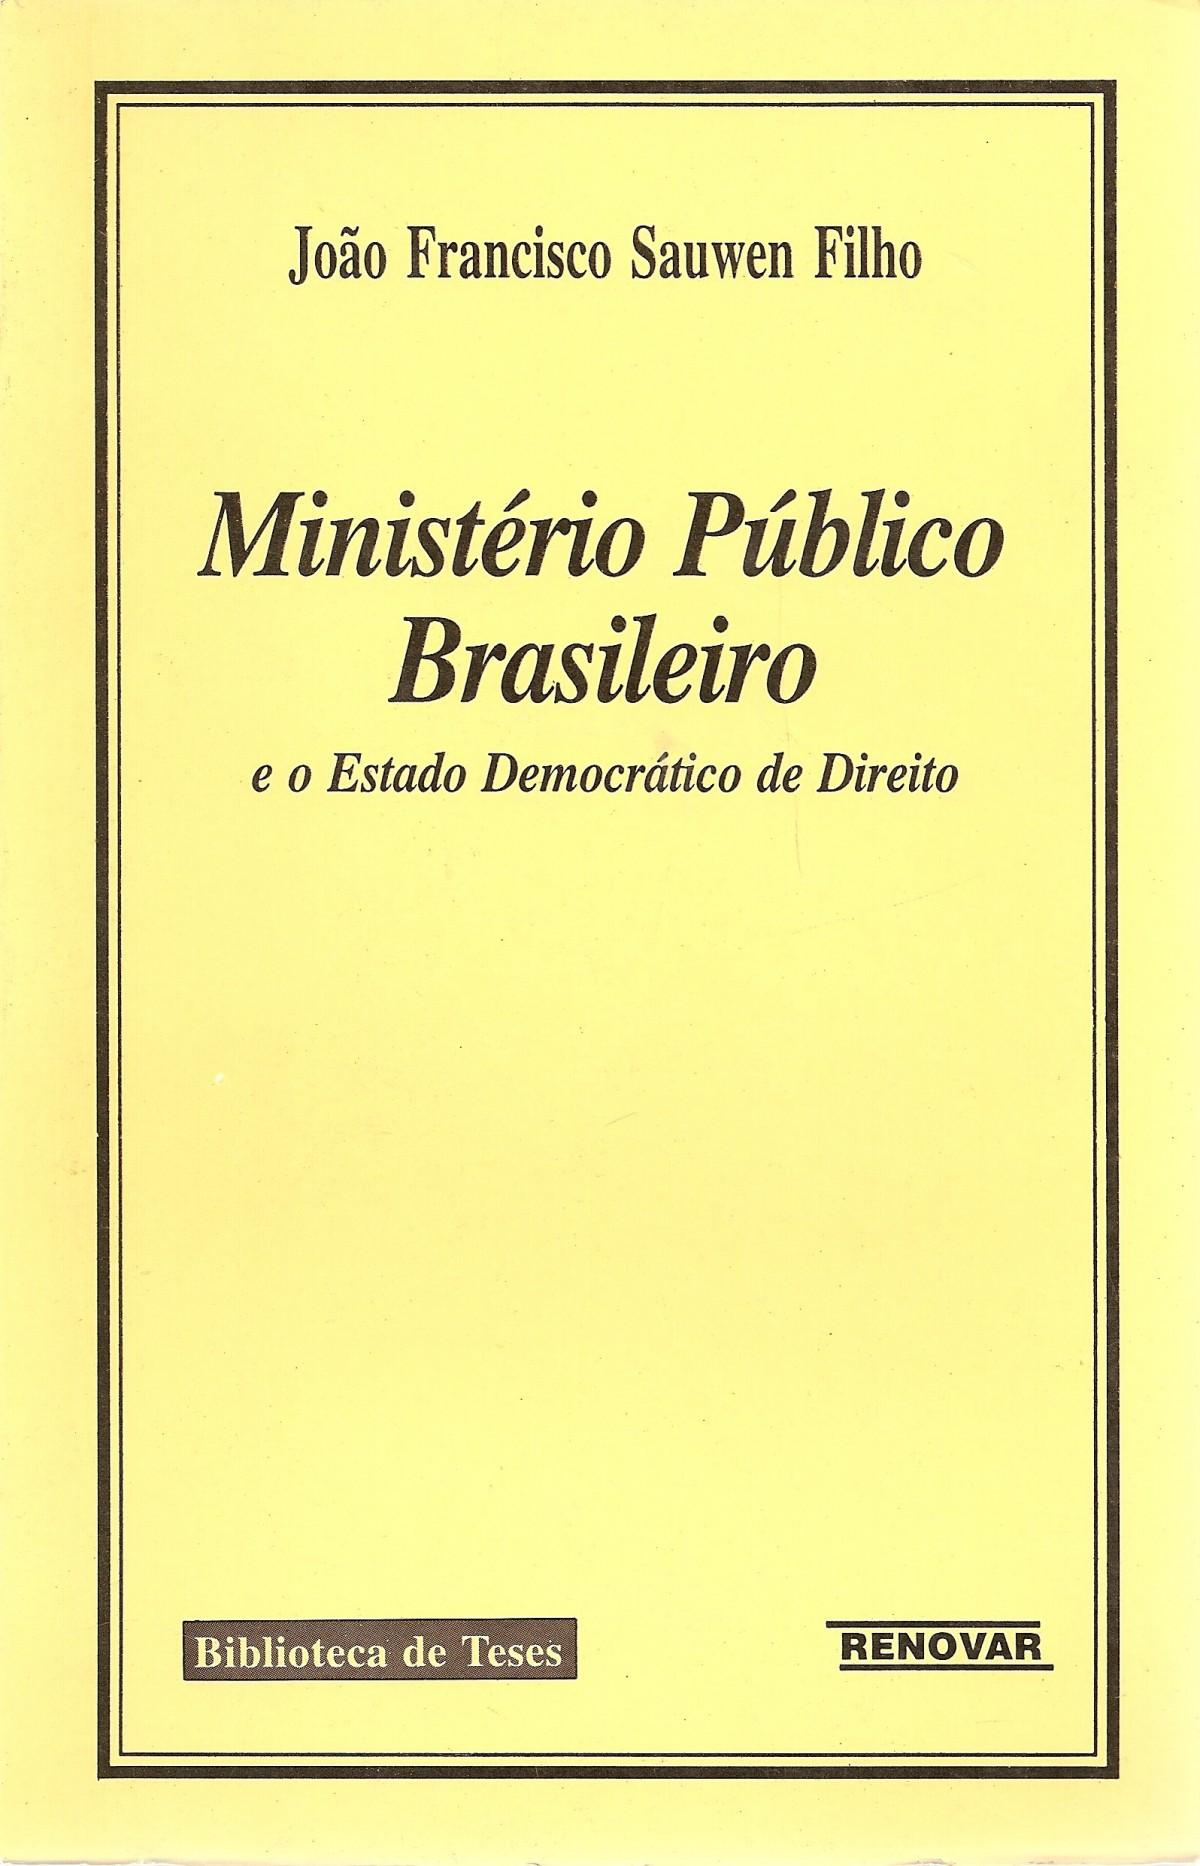 Foto 1 - O Ministério Público no Estado Democrático de Direito